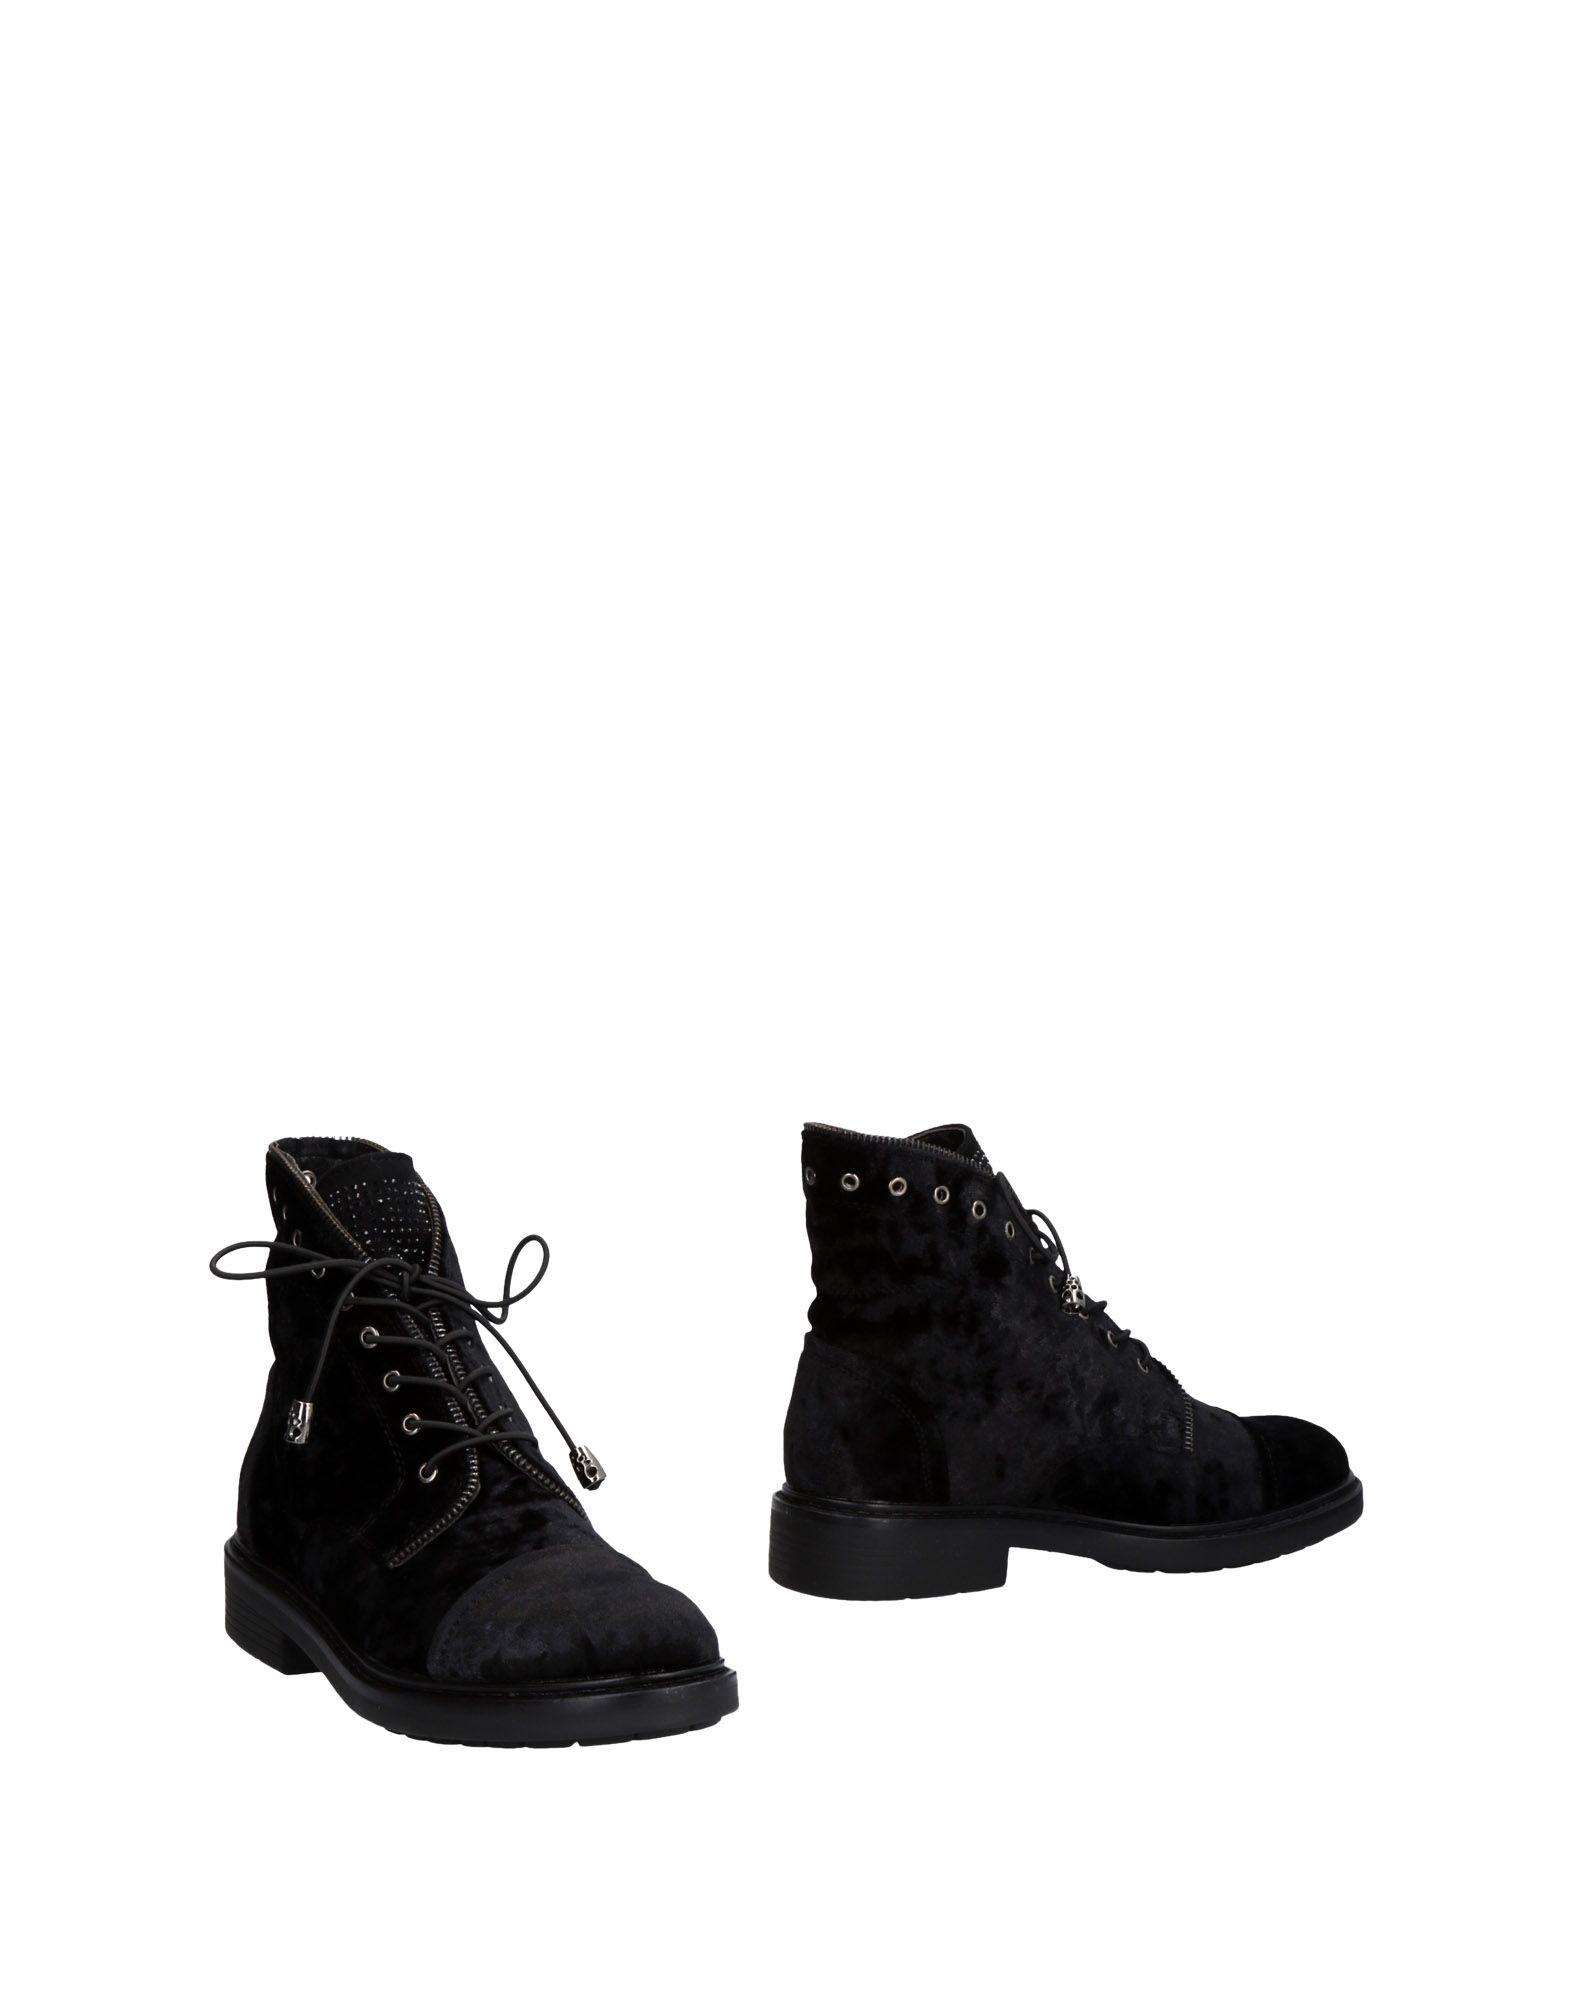 Geneve Stiefelette Damen  11470280KS Gute Qualität beliebte Schuhe